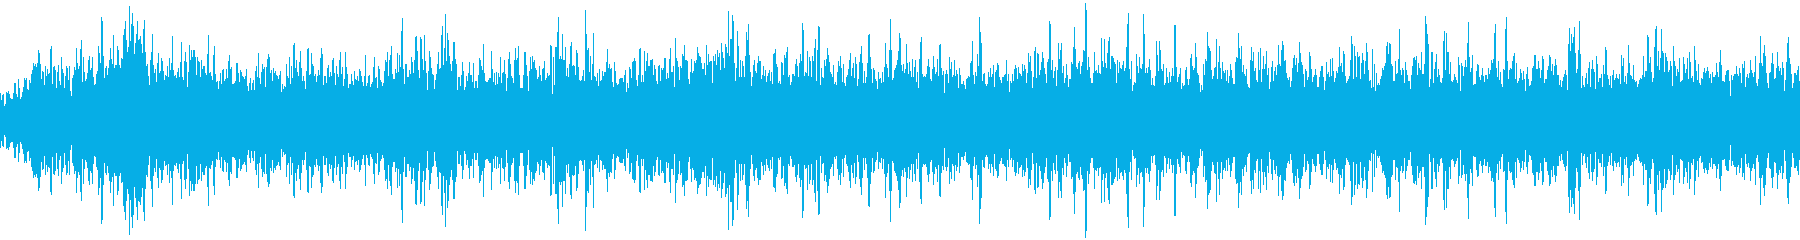 パソコンの電源を入れるの再生済みの波形